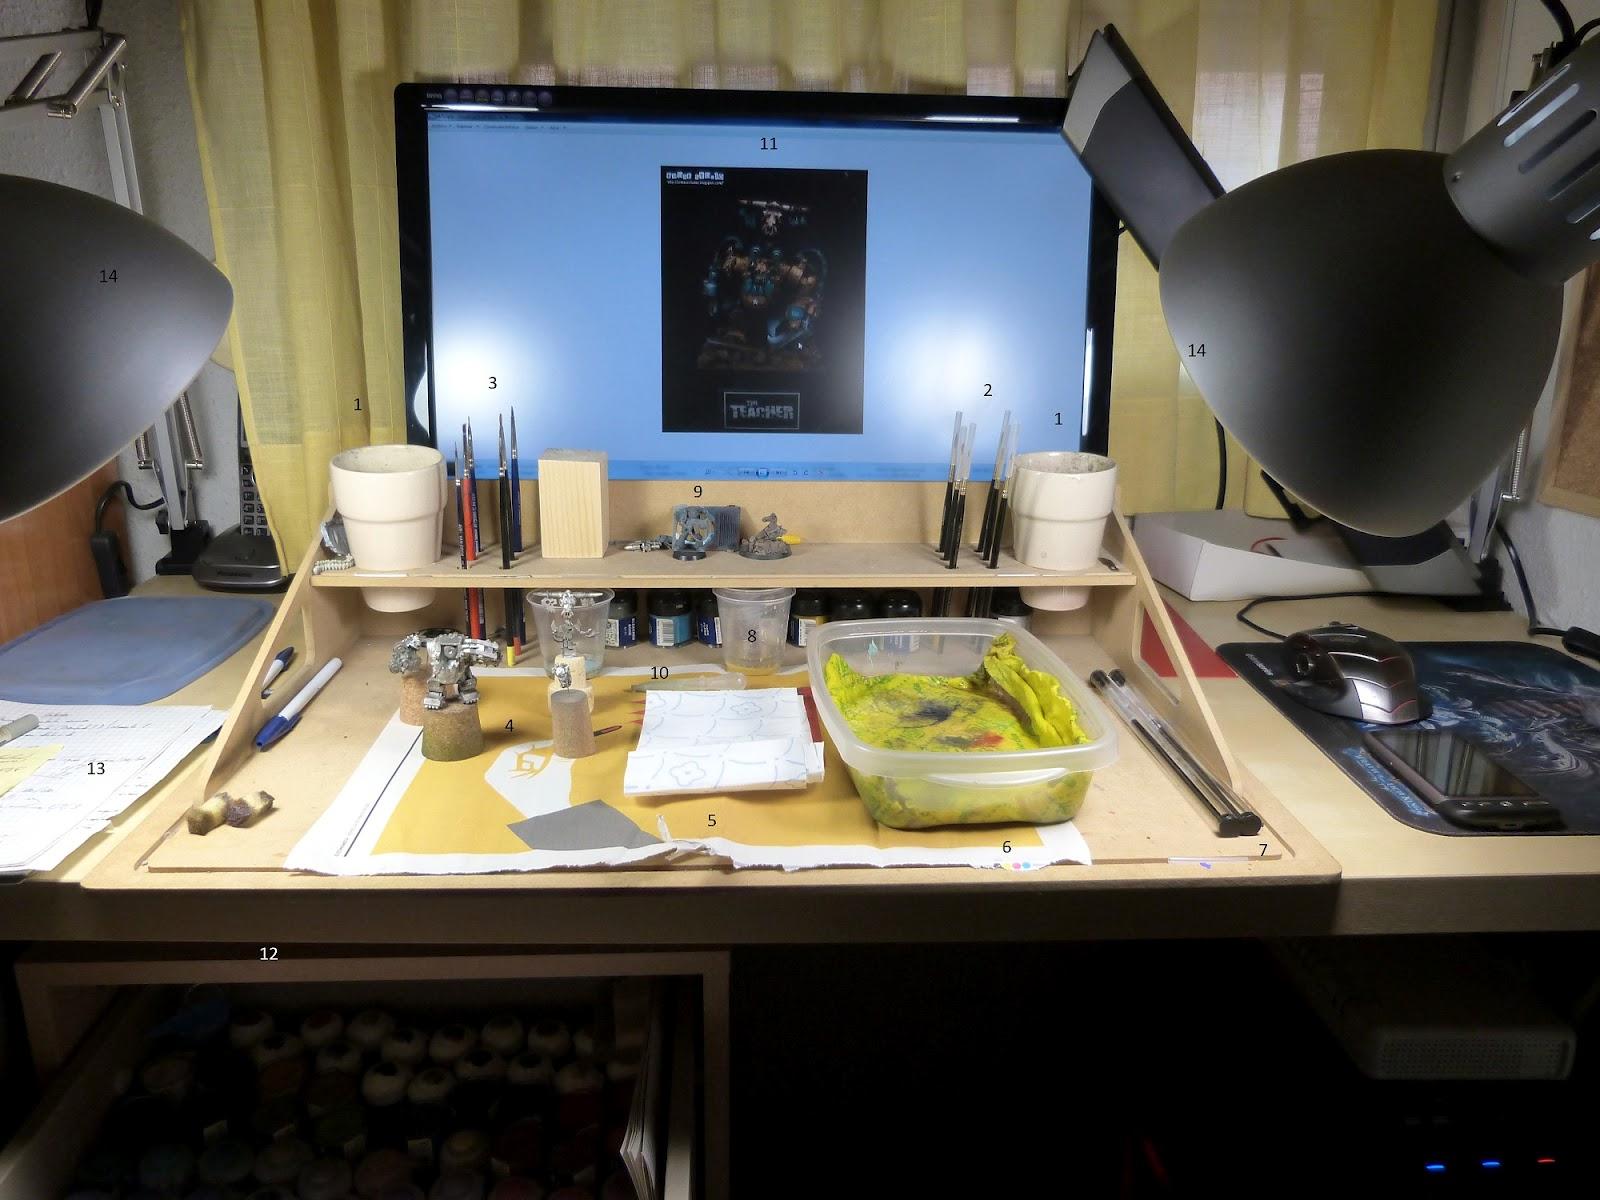 Kromma 39 s forge la mesa de trabajo pintura for Dimensiones de una mesa de trabajo